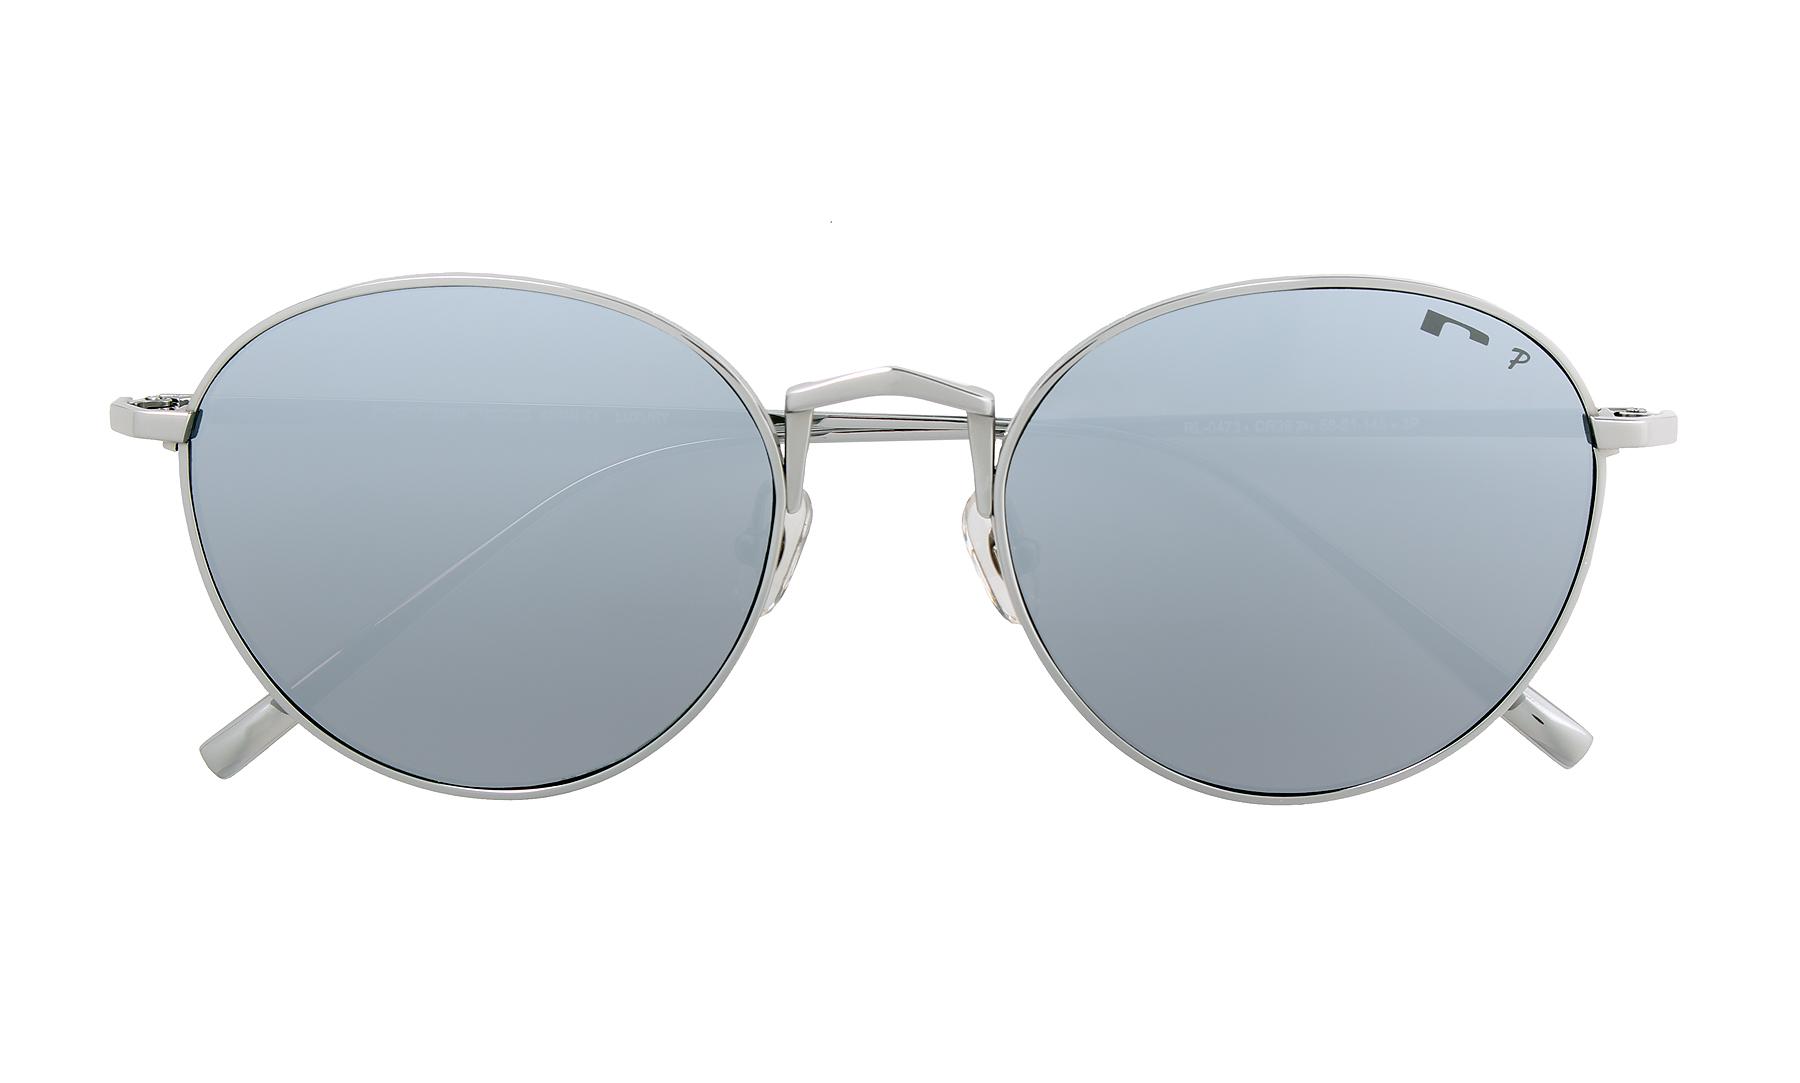 Gafas de sol 2018 tipo round metal de espejo plateado